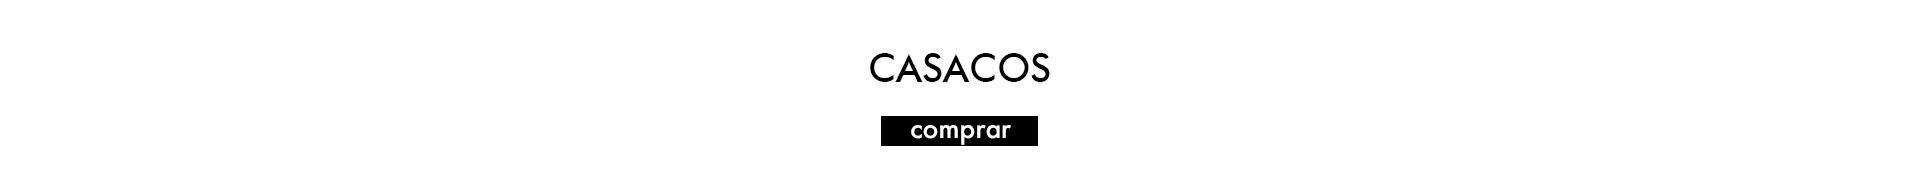 Casacos | Comprar